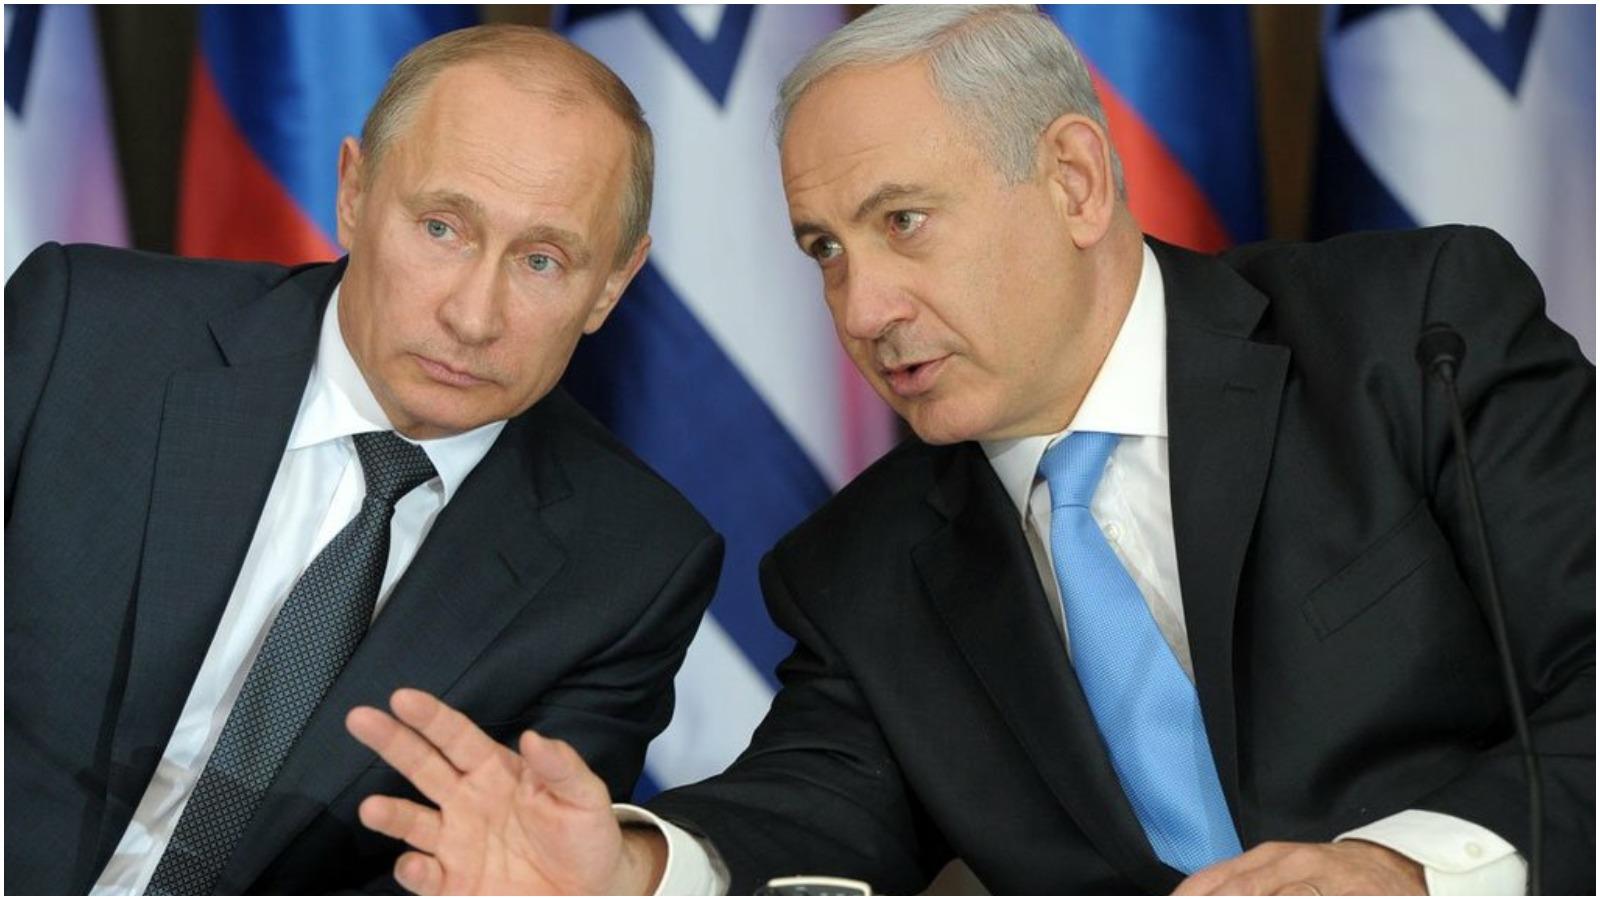 """Professor Sara Yael Hirschhorn om Israel: """"Det virkelige spørgsmål er, hvorvidt det vil være muligt at holde den palæstinensiske befolkning i relativ ro uden store politiske forandringer, men det synes at være Netanyahus strategi"""""""